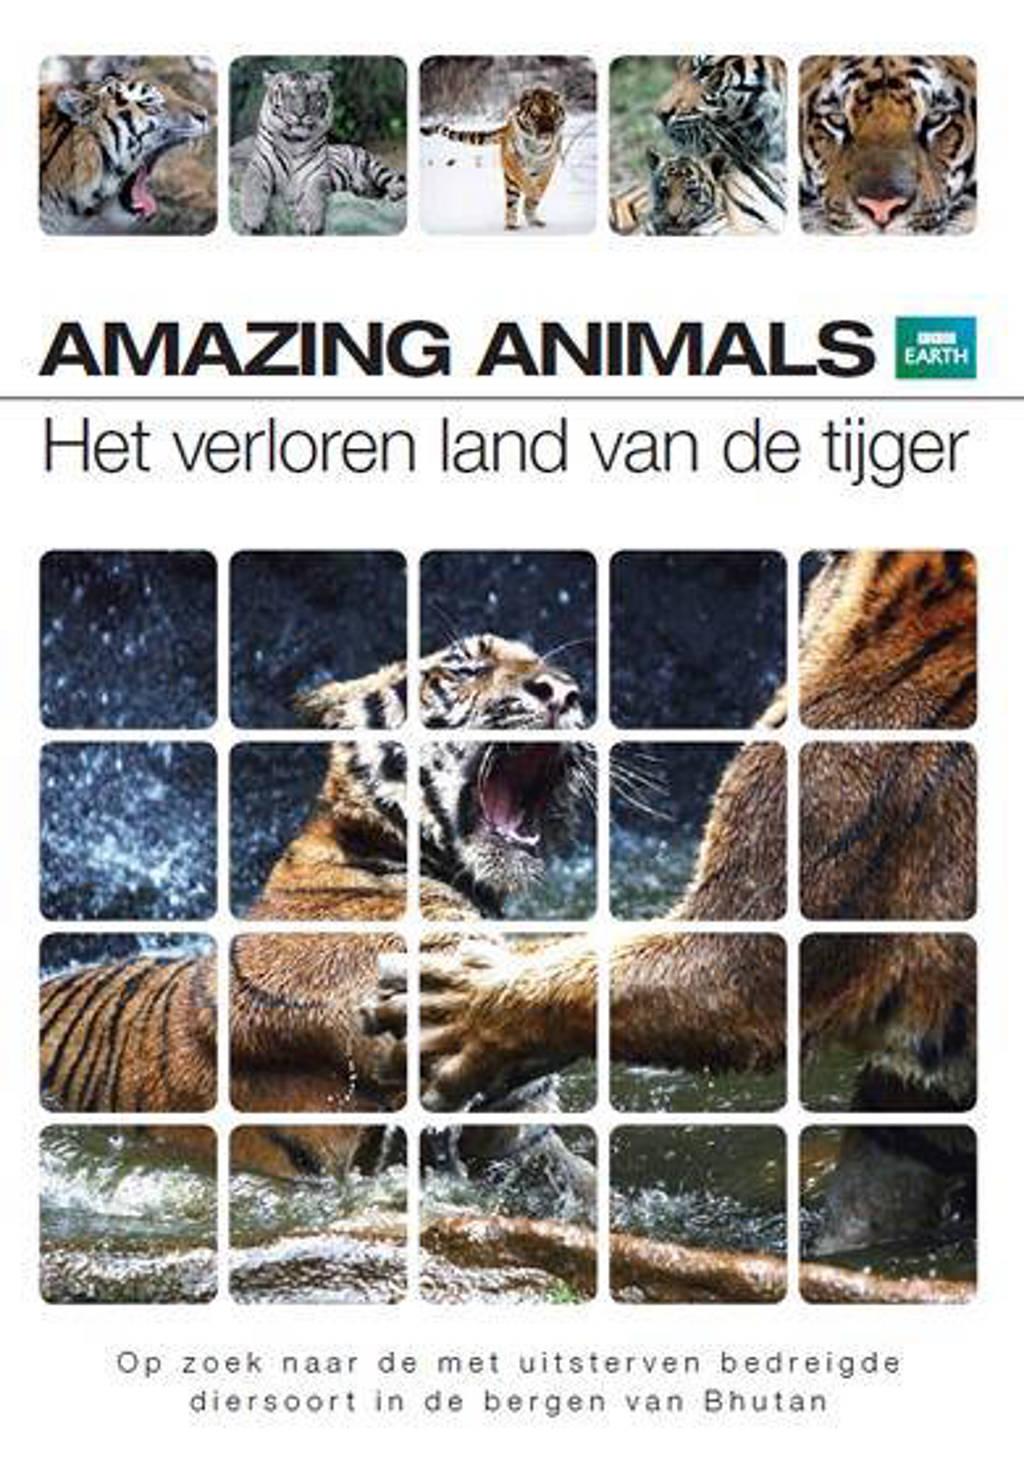 Amazing animals - Het verloren land van de tijger (DVD)